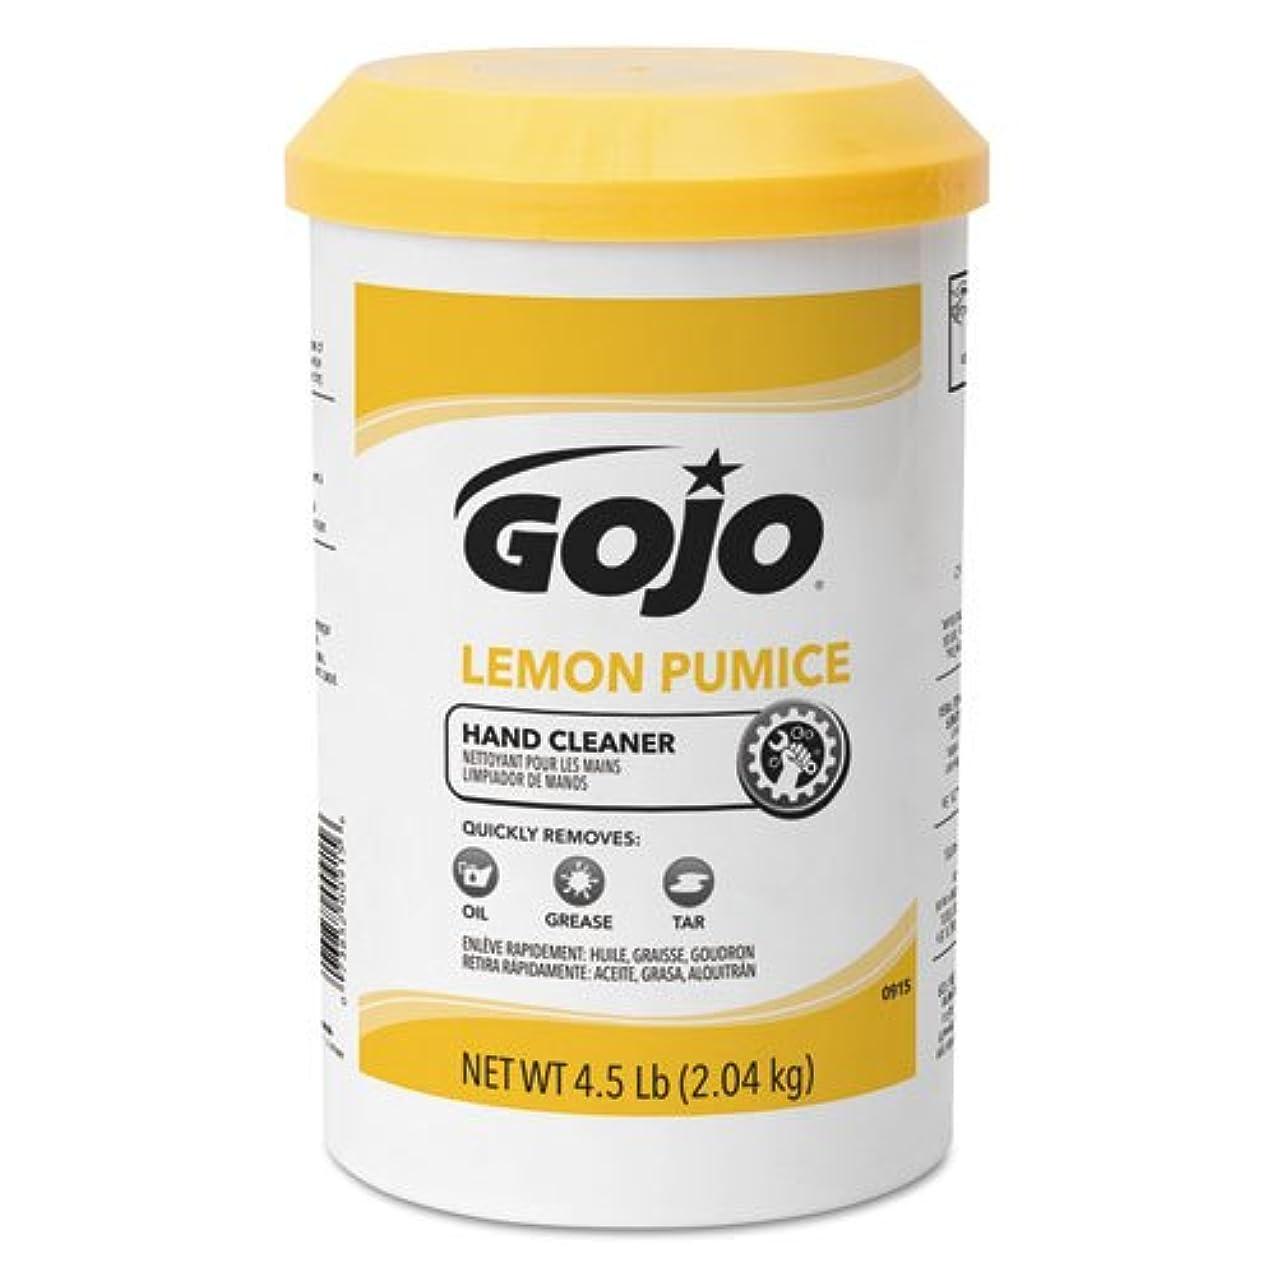 熱望する組み合わせるクリープGojo レモンプーミス ハンドクリーナー レモンの香り 4.5ポンド GOJ0915